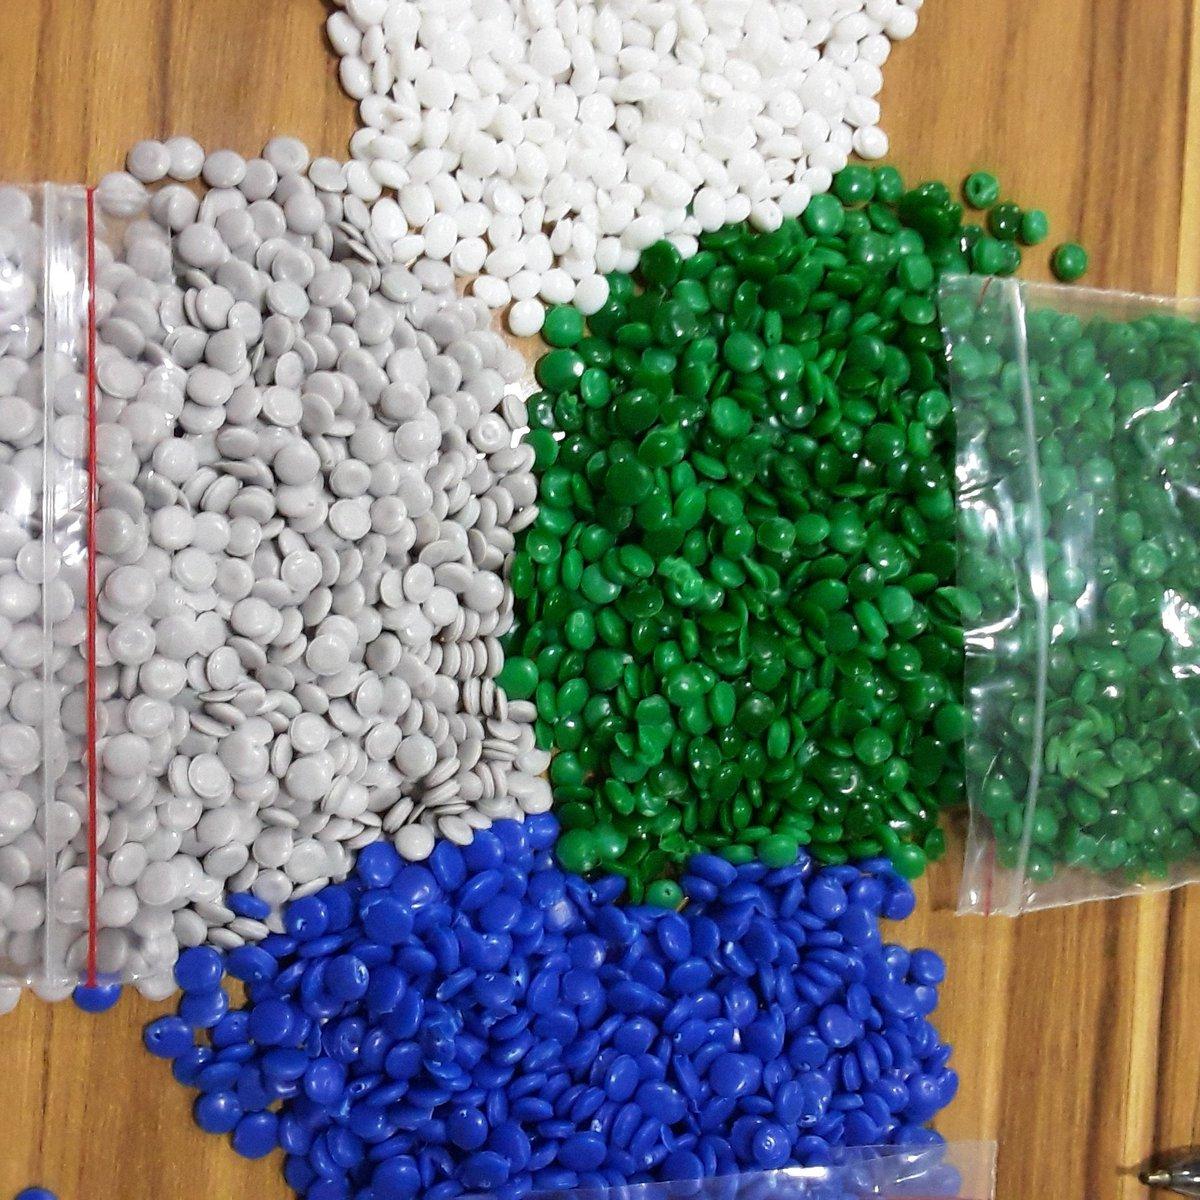 شركات استيراد ماكينات حقن بلاستيك